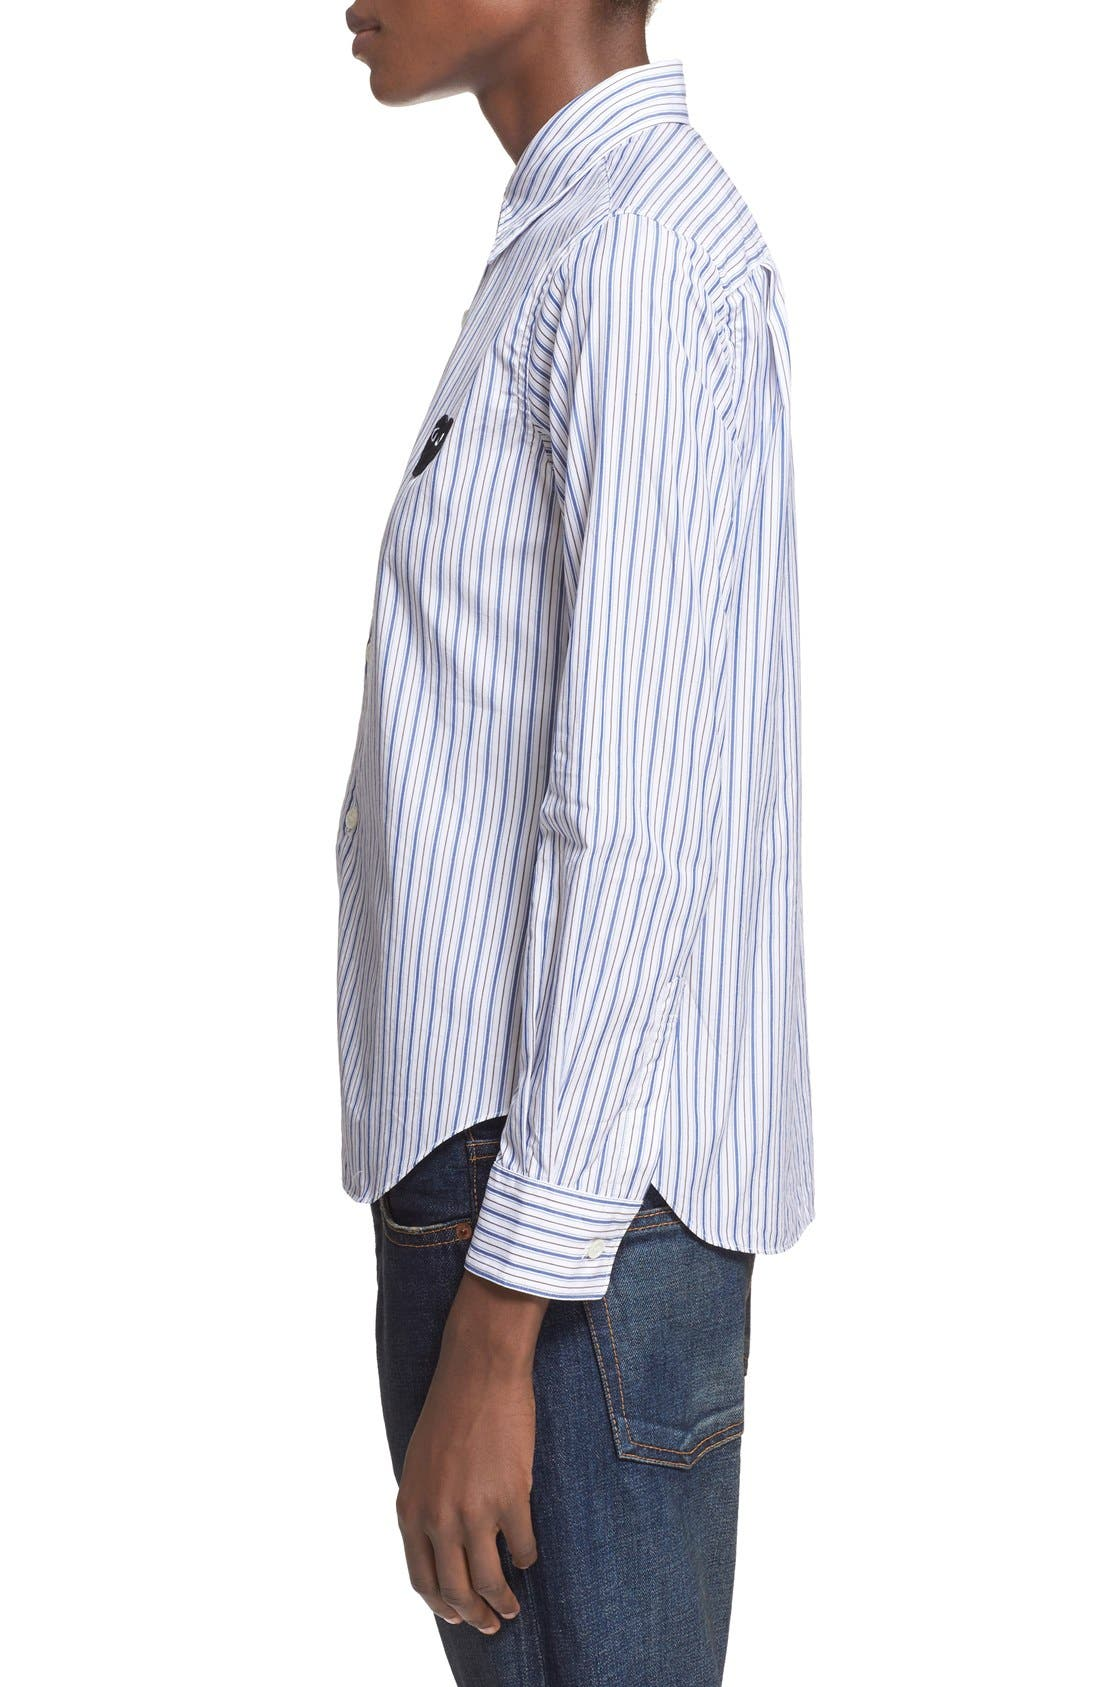 Comme des Garçons PLAY Stripe Shirt,                             Alternate thumbnail 3, color,                             Blue